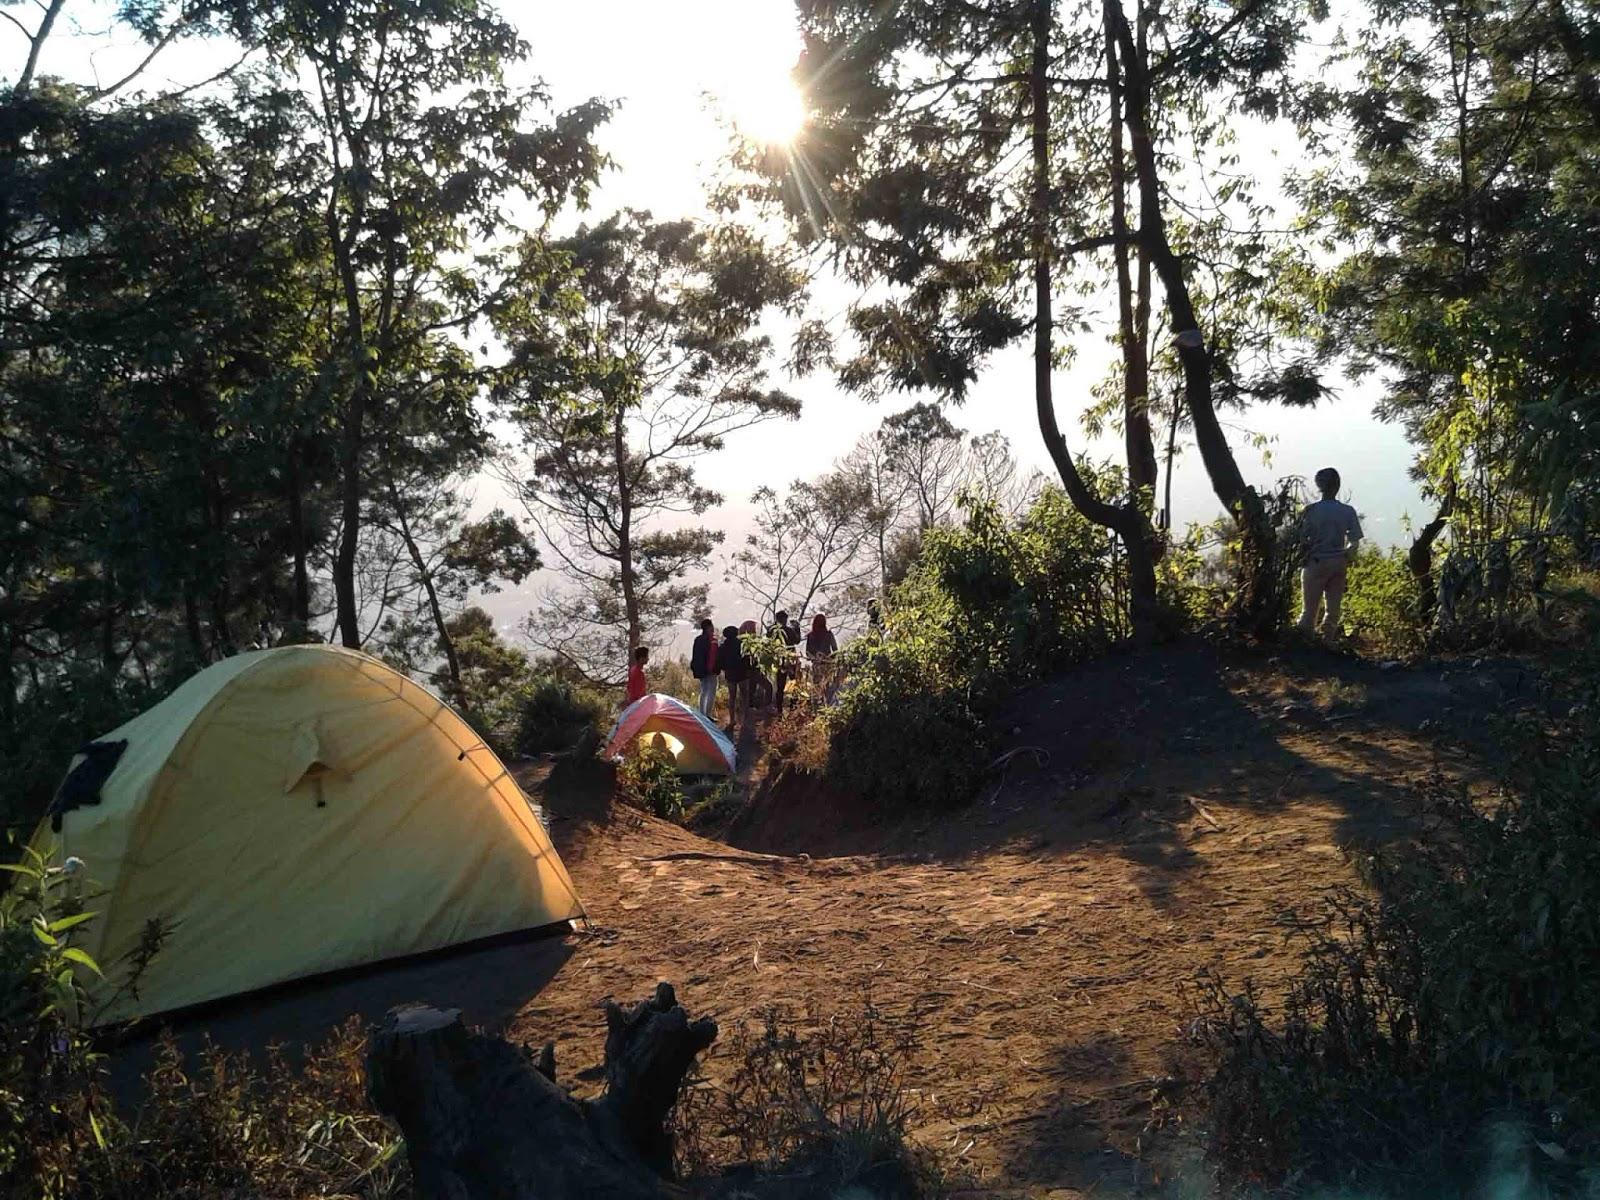 7 Tenda Monodome Termurah Seberanda Great Outdoor 2 Merupakan Istana Bagi Para Penggiat Alam Bebas Terutama Pendaki Akan Melindungi Kita Dari Berbagai Macam Pengaruh Negatif Di Saat